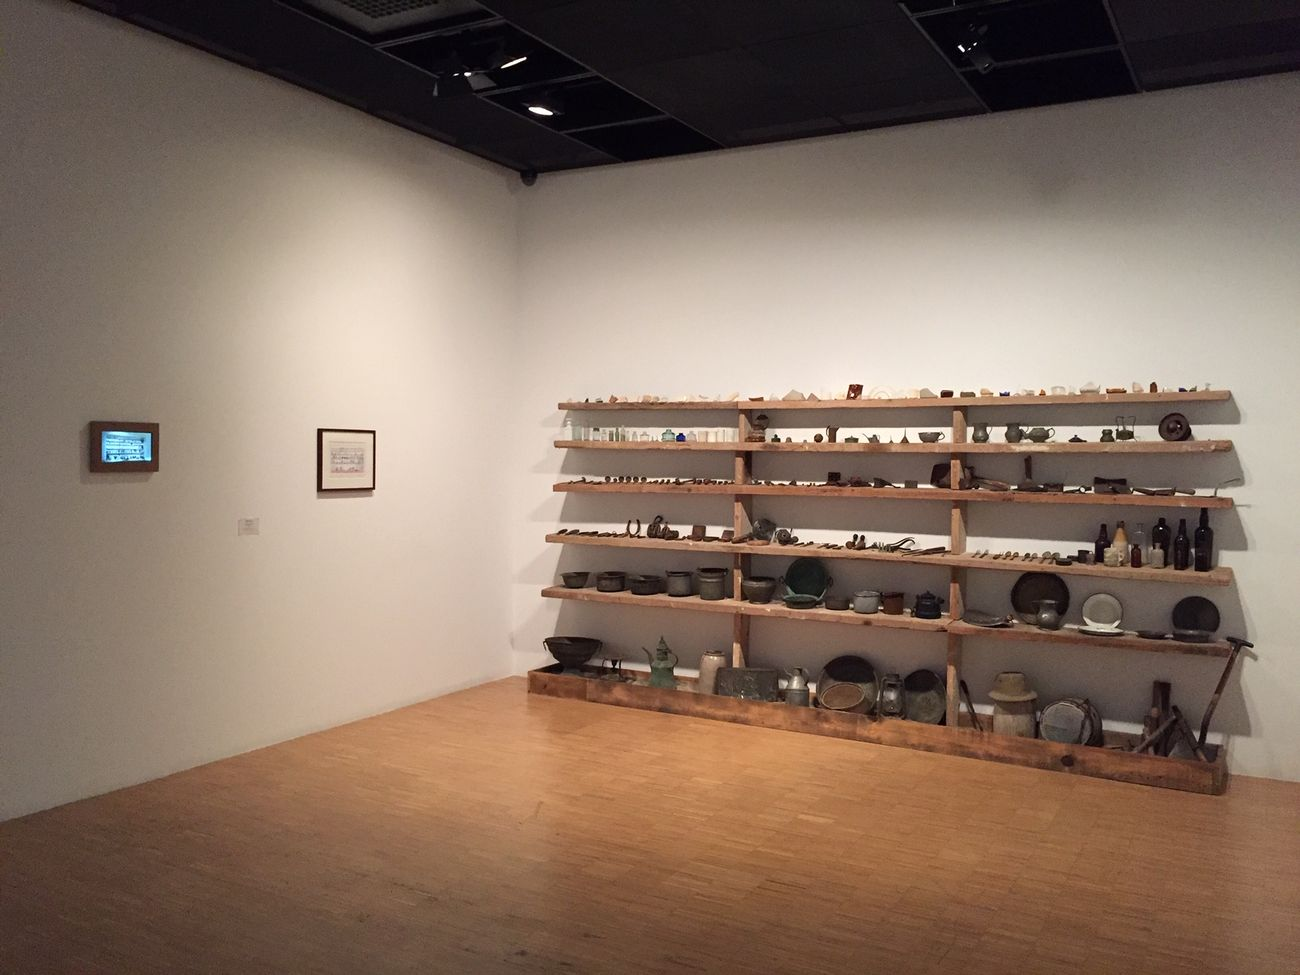 Mark Dion, Dig Culture, 2011, exhibition view in Aslına Sadık Kalınmıştır (Replica of the Original), 2019, SALT Beyoğlu, Istanbul